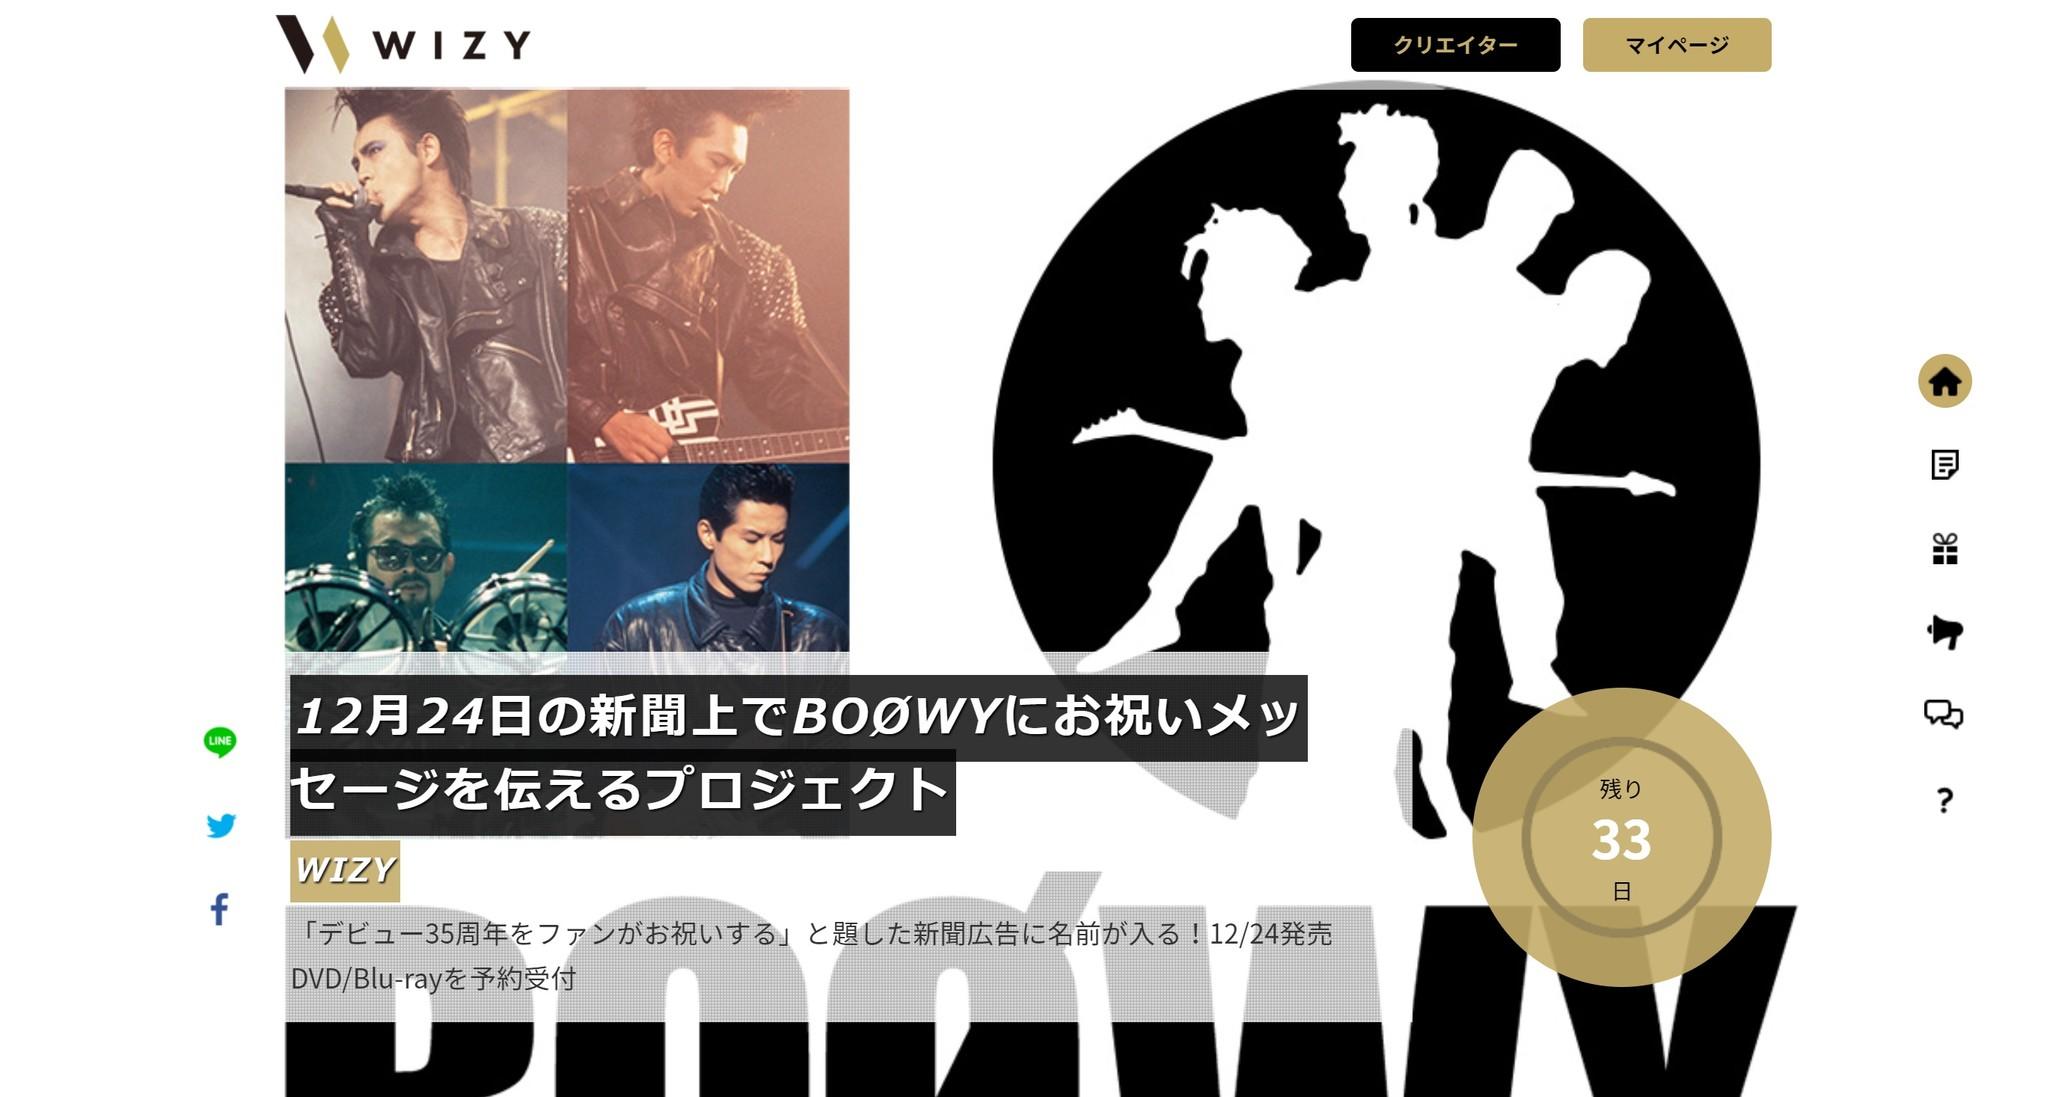 Wizyで Boowy 1224 The Original を予約して12月24日の新聞にあなたのお名前を載せませんか Boowy にお祝いメッセージを伝えるプロジェクト スタート レコチョクのプレスリリース